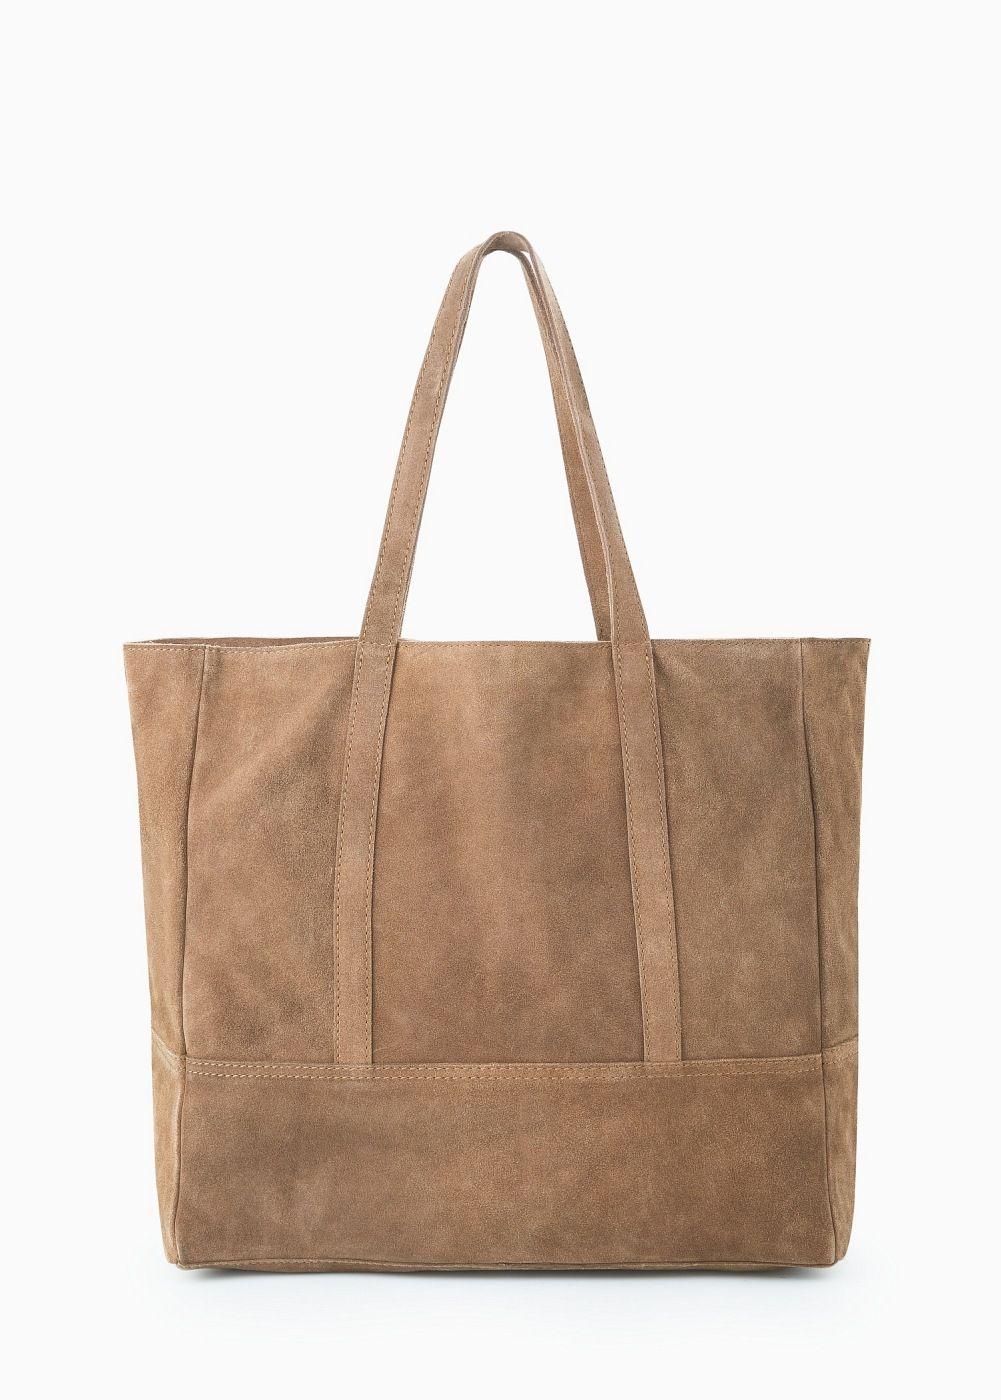 b6bad281bf6a0 Zamszowa torba shopper - Kobieta